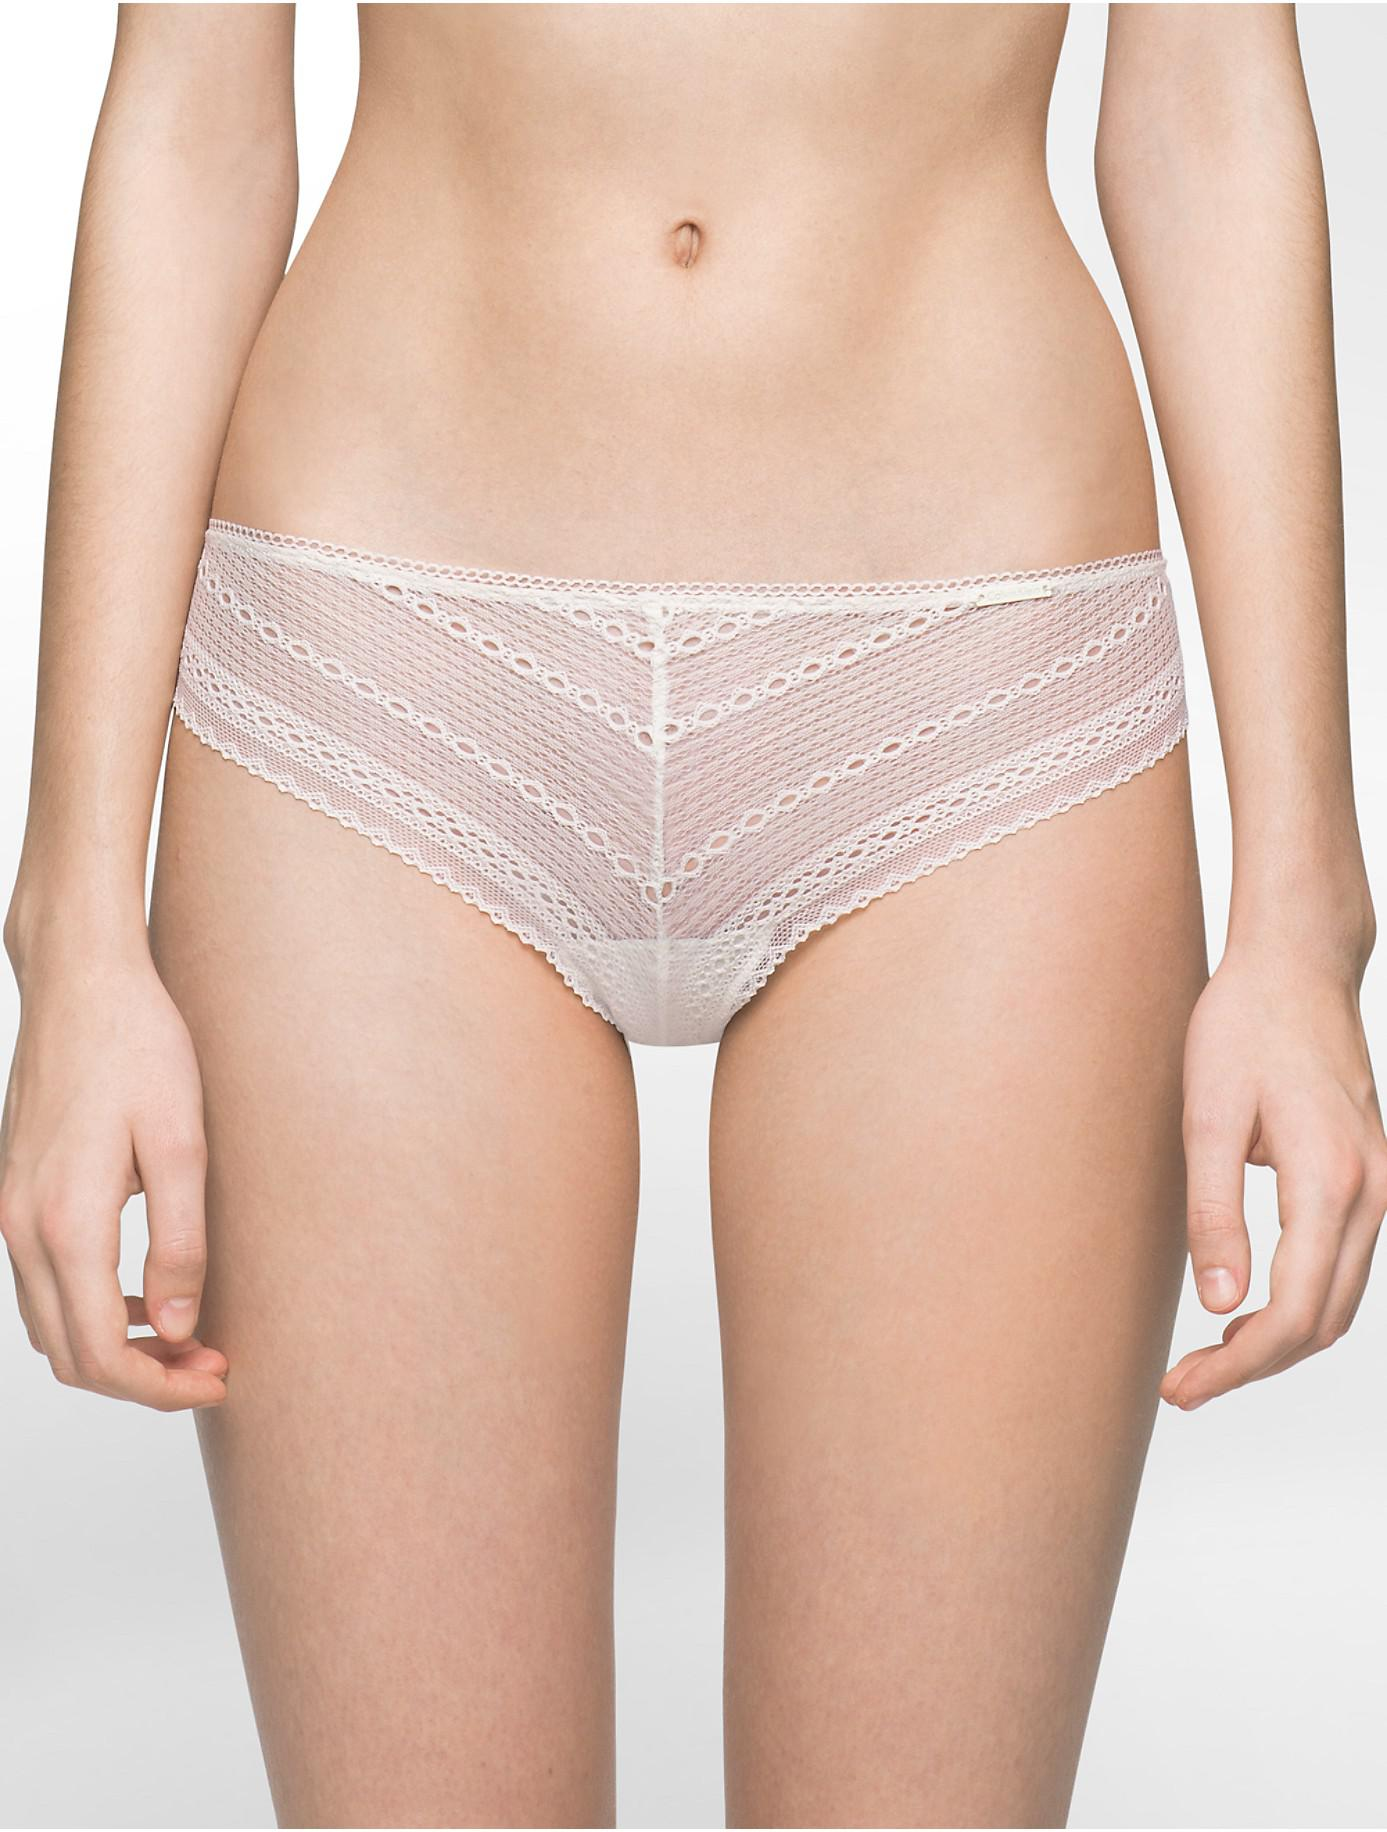 d3b1d10a7c Lyst - Calvin Klein Underwear Ombre Thong in White